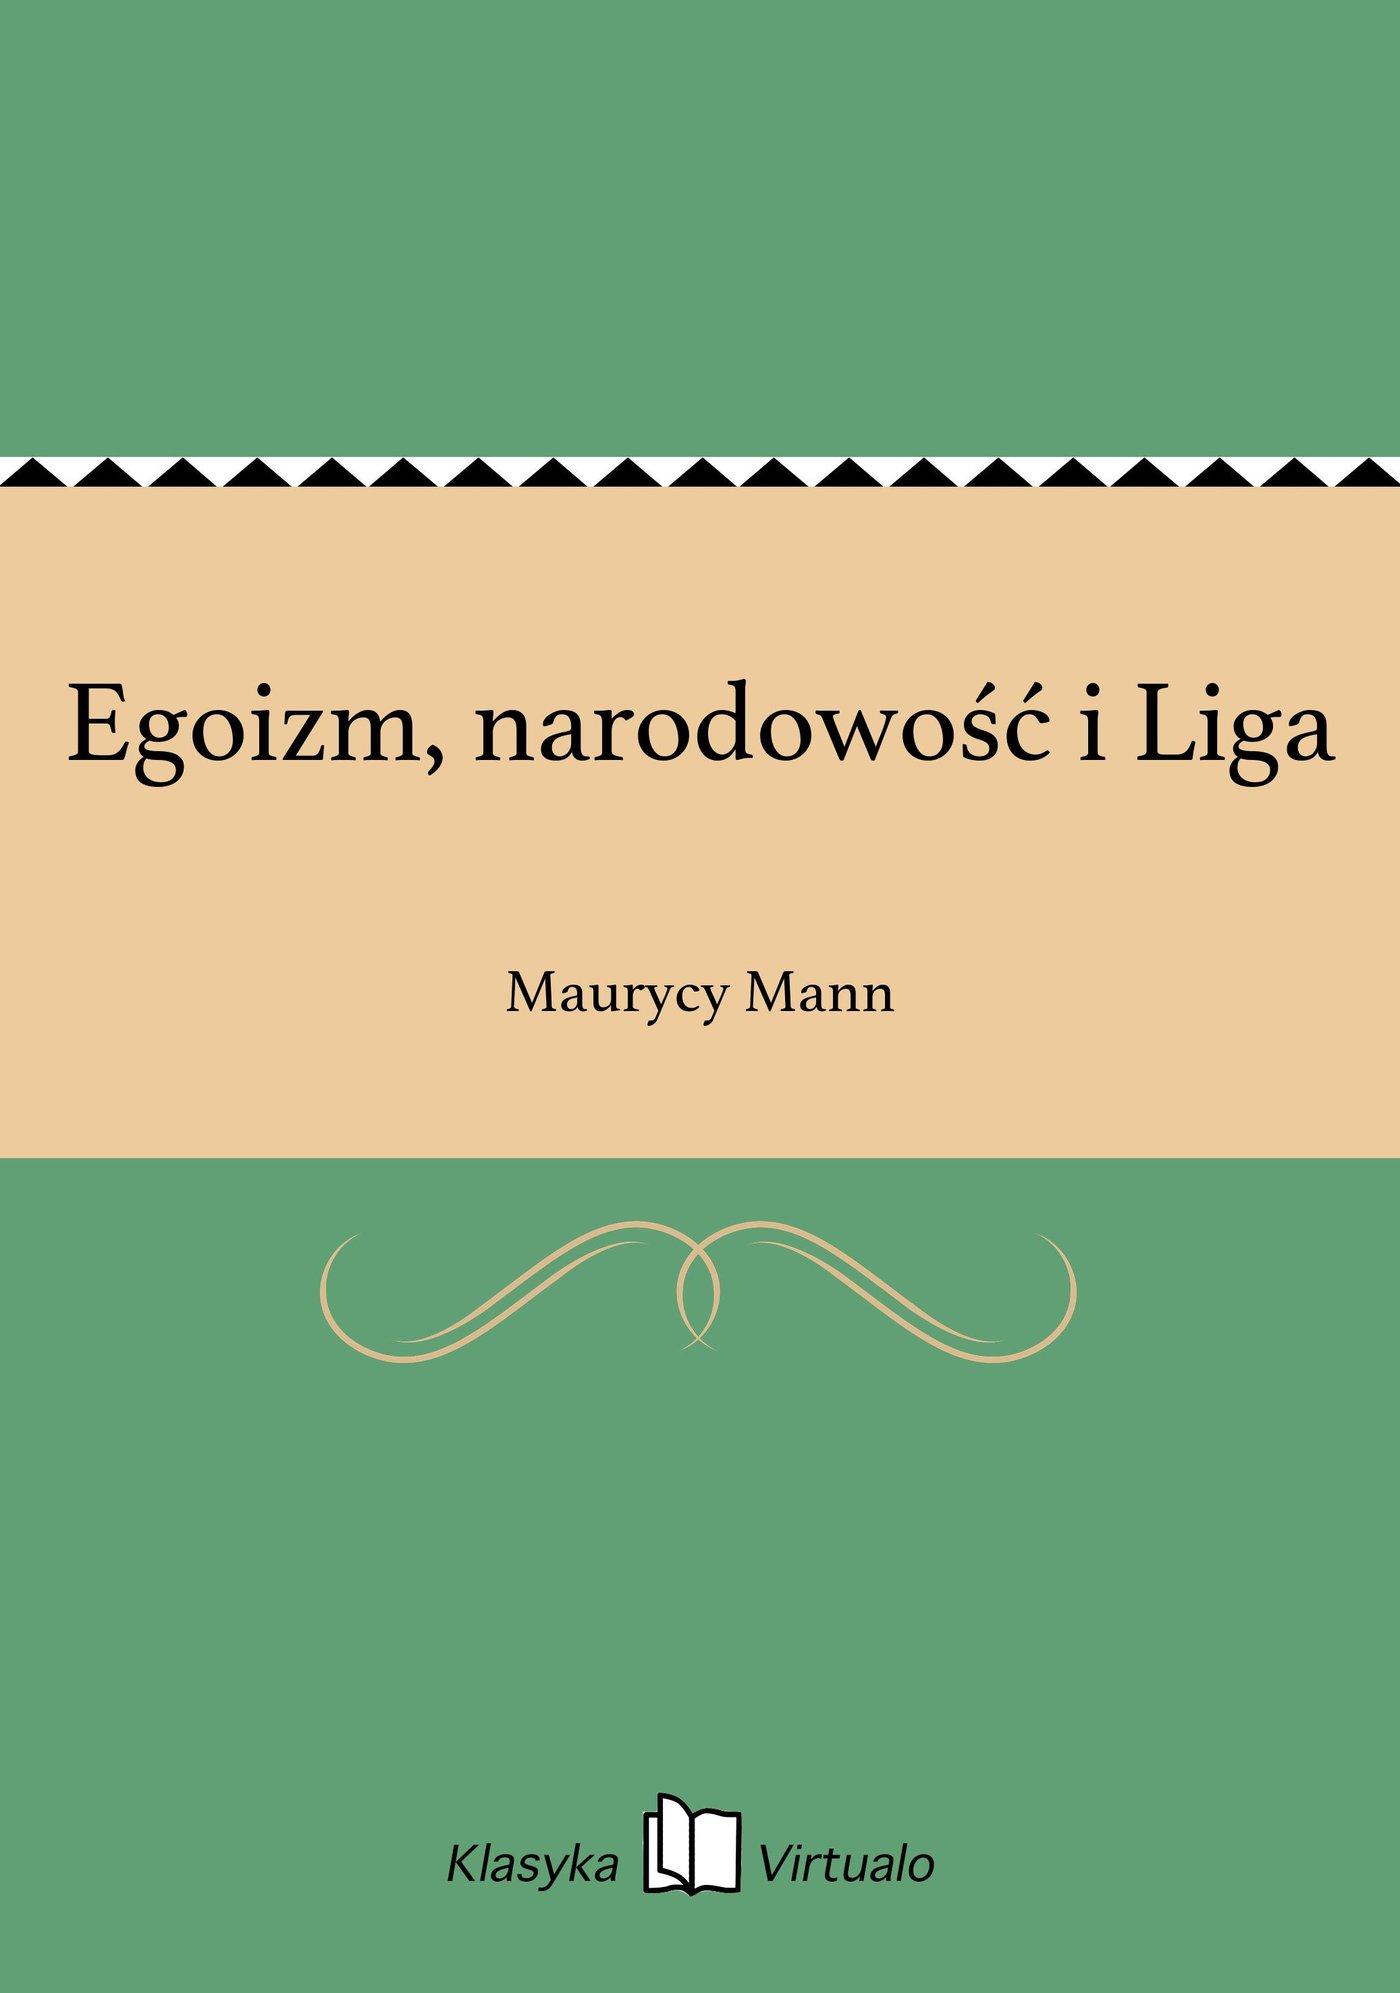 Egoizm, narodowość i Liga - Ebook (Książka EPUB) do pobrania w formacie EPUB